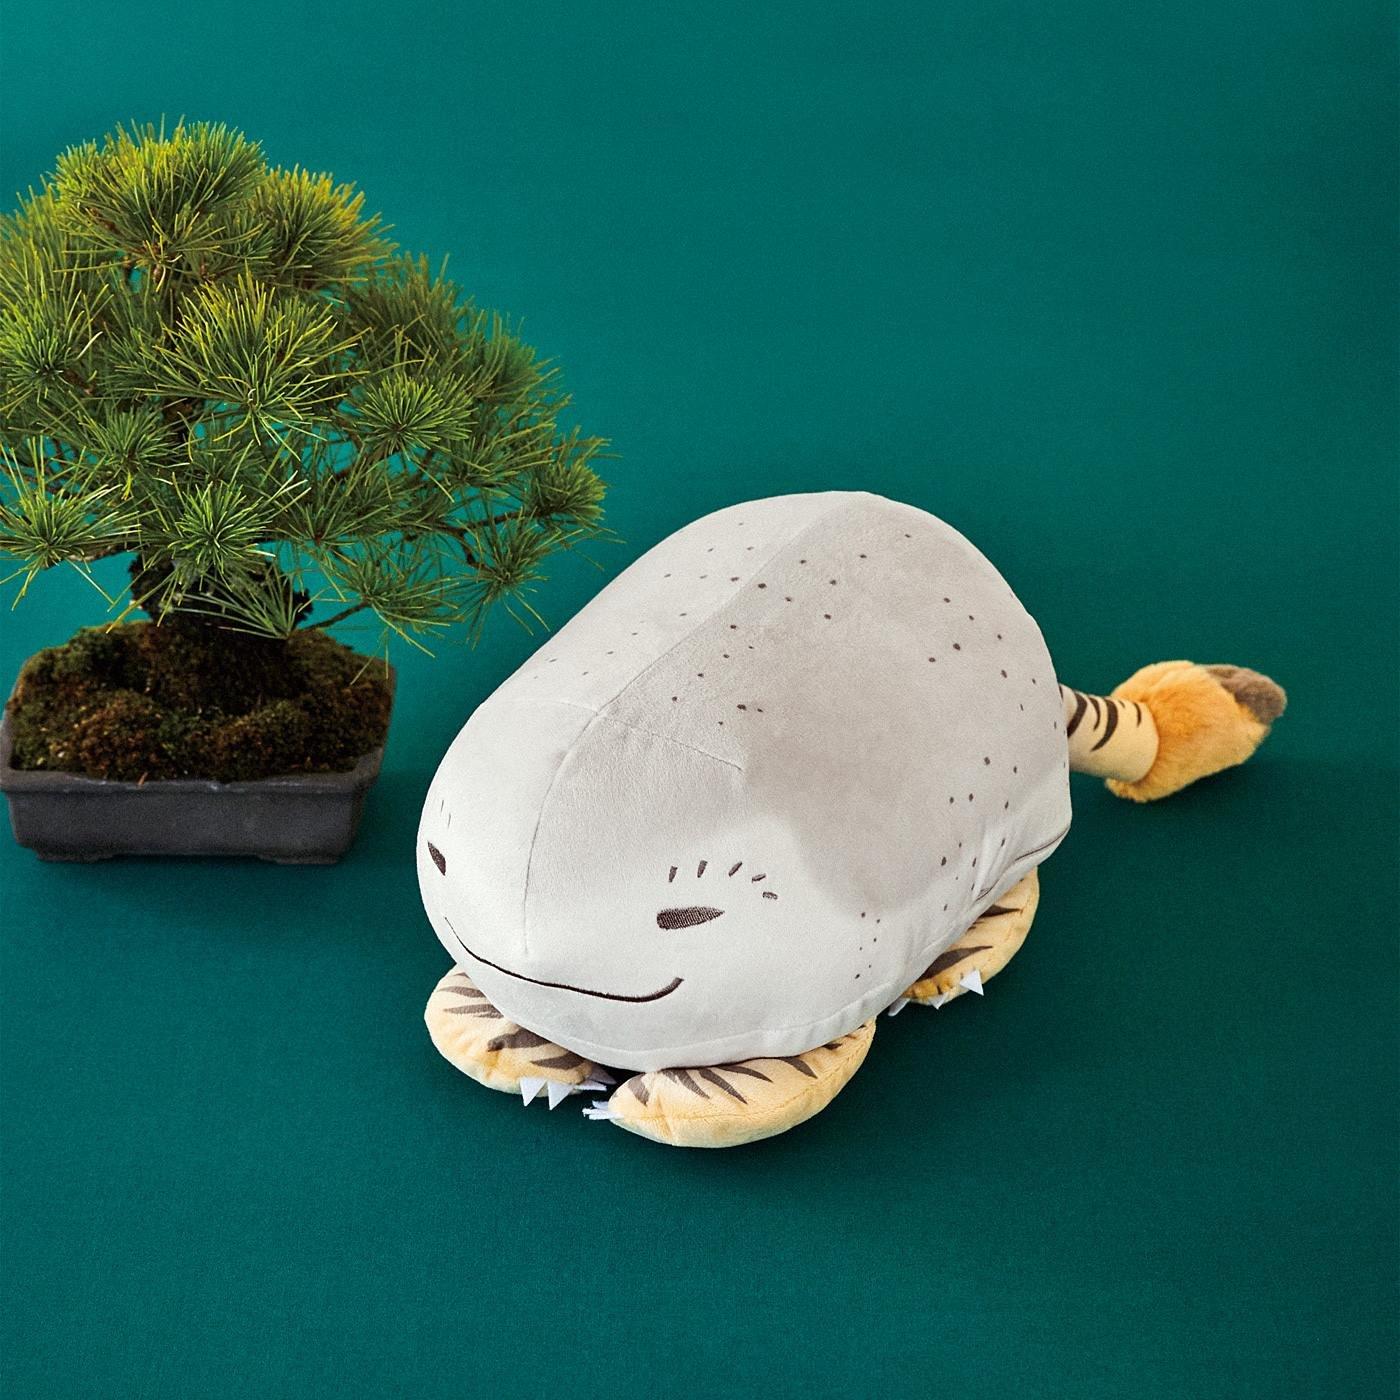 太田記念美術館×フェリシモミュージアム部 絵師のユーモアが生んだ珍獣 虎子石(とらこいし)おすわりクッション